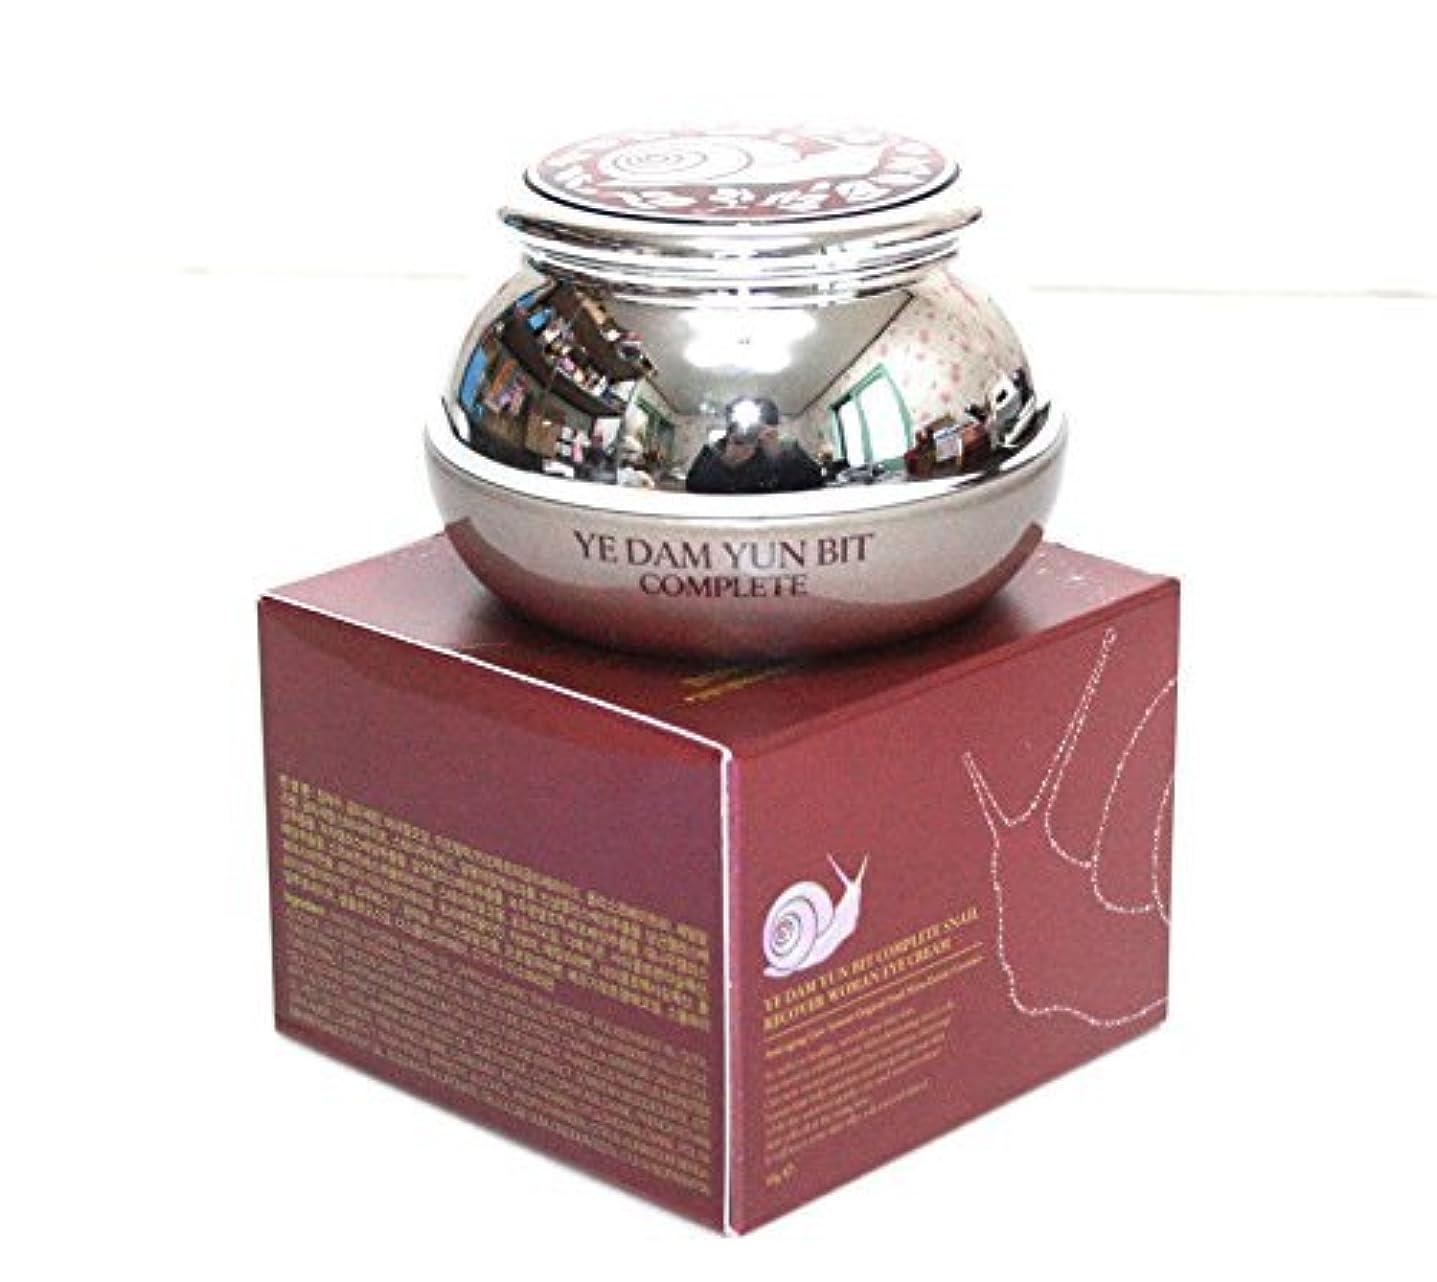 受信ラップトップフルーツ[YEDAM YUN BIT] スキンが完成カタツムリ回復女性のアイクリーム50ml/韓国の化粧品/COMPLETE Skin Snail Recover Woman Eye Cream 50ml/Korean cosmetics...